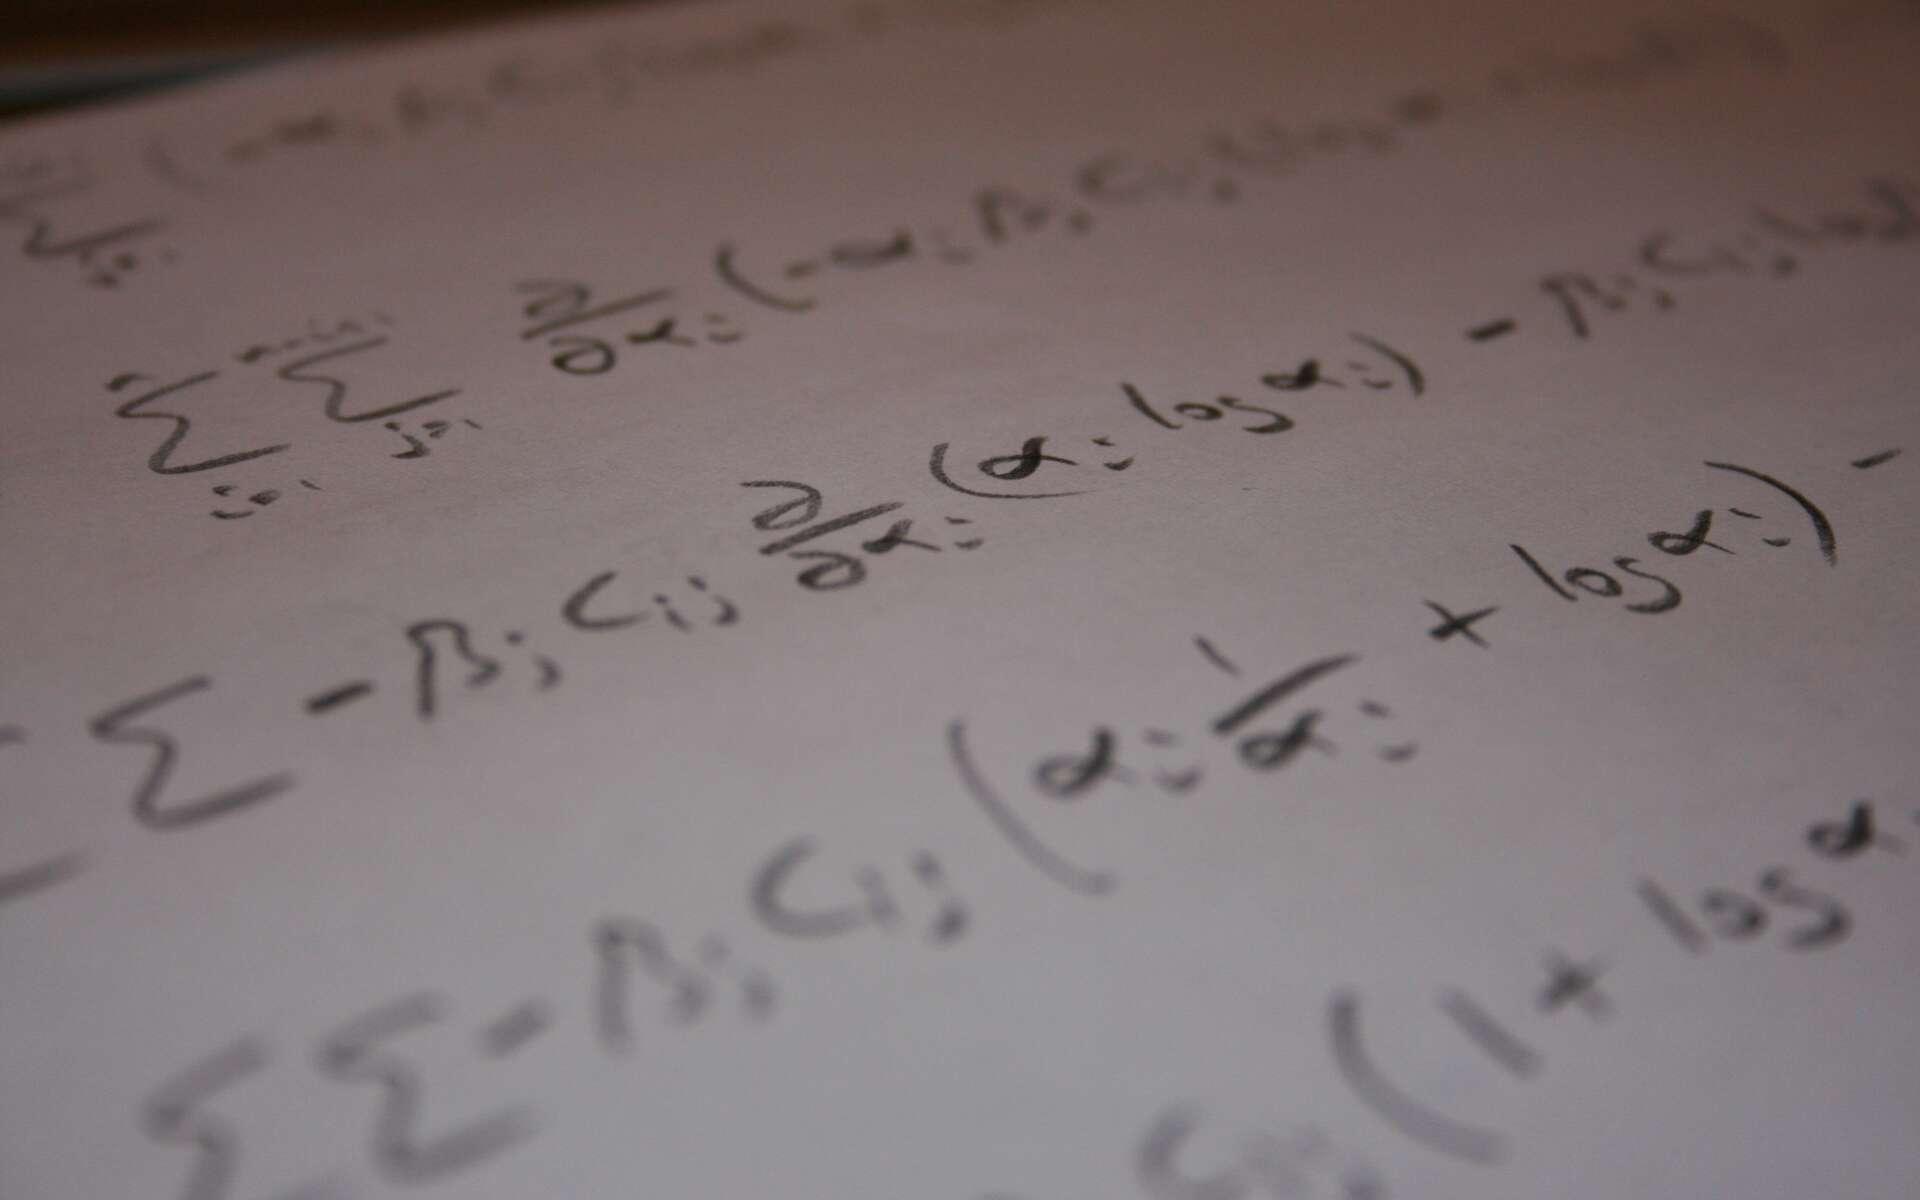 Les mathématiques servent d'outils aux autres disciplines et débouchent sur des solutions très concrètes à partir de propositions très théoriques. Il n'est pas surprenant de constater que des chercheurs s'en inspirent aussi en biologie du cœur. Le modèle développé est novateur et fournit une idée assez précise des mouvements de calcium dans les cellules auriculaires. © Robert Scarth, Fotopedia, cc by sa 2.0